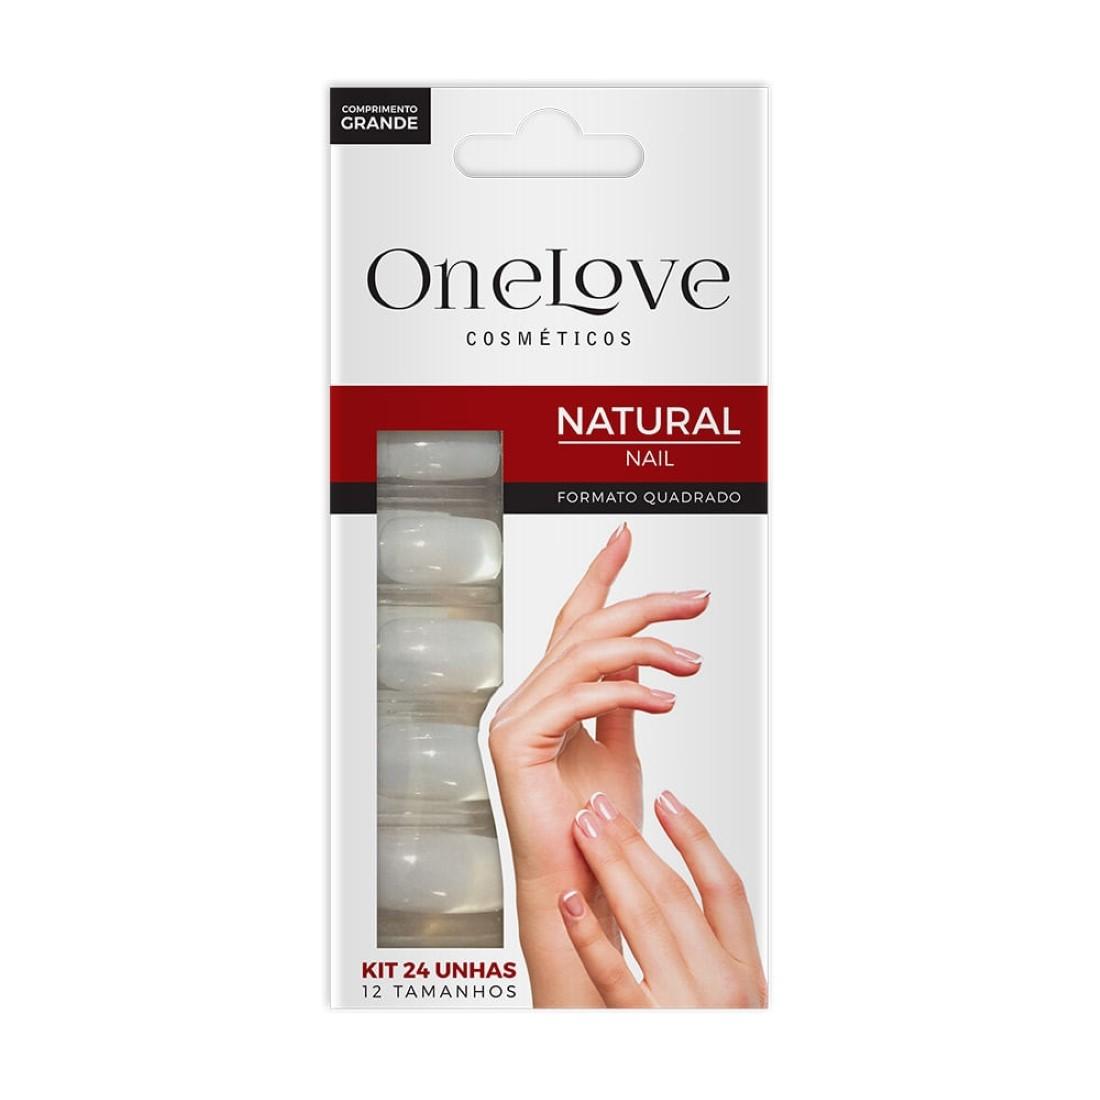 Unhas Postiças Natural Nail OL-001 Formato Quadrado Comprimento Grande - One Love